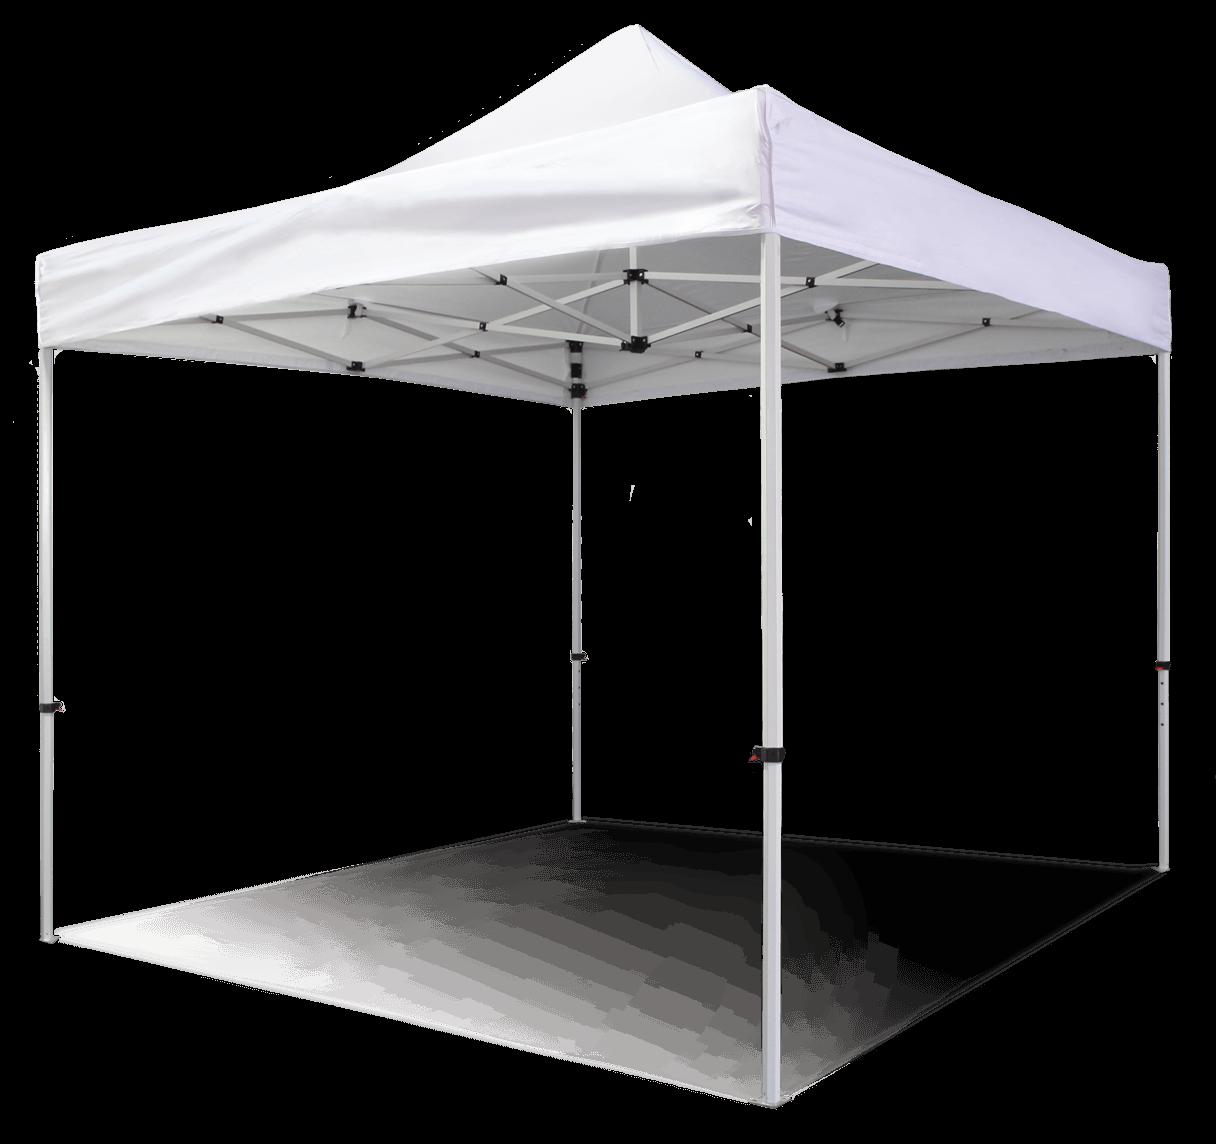 Waterproof Pop Up Canopies - Order Your Vinyl Tent Top Now!